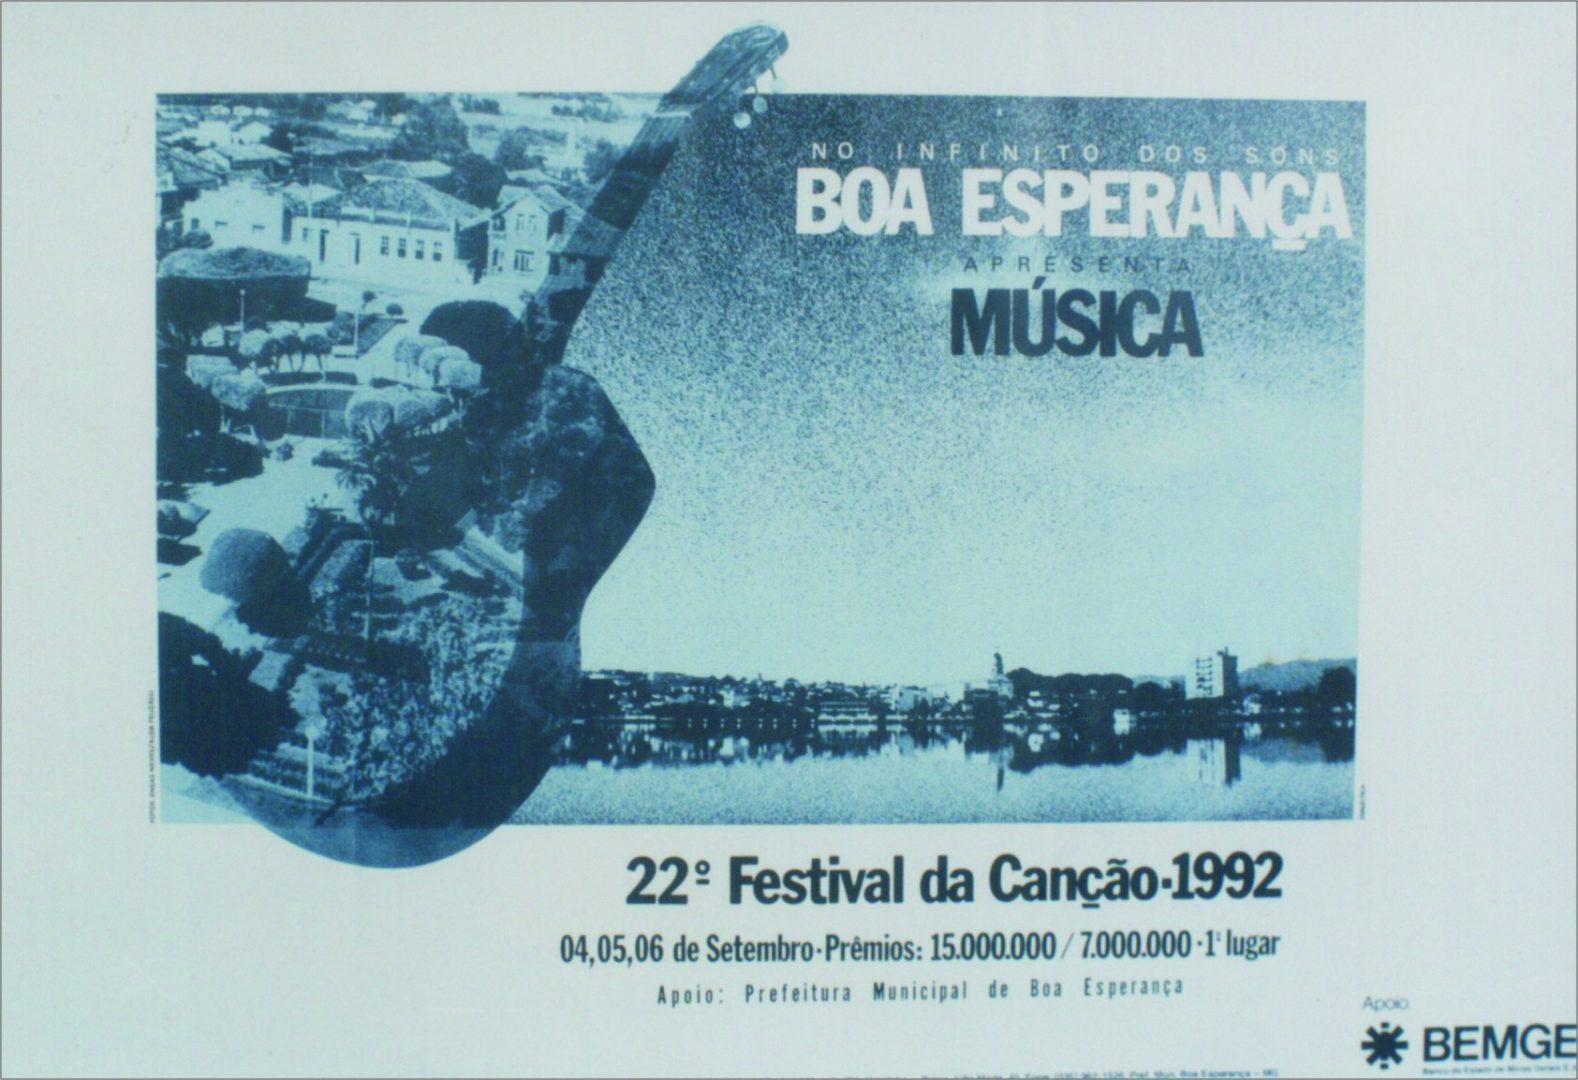 22º Festival da Canção de Boa Esperança